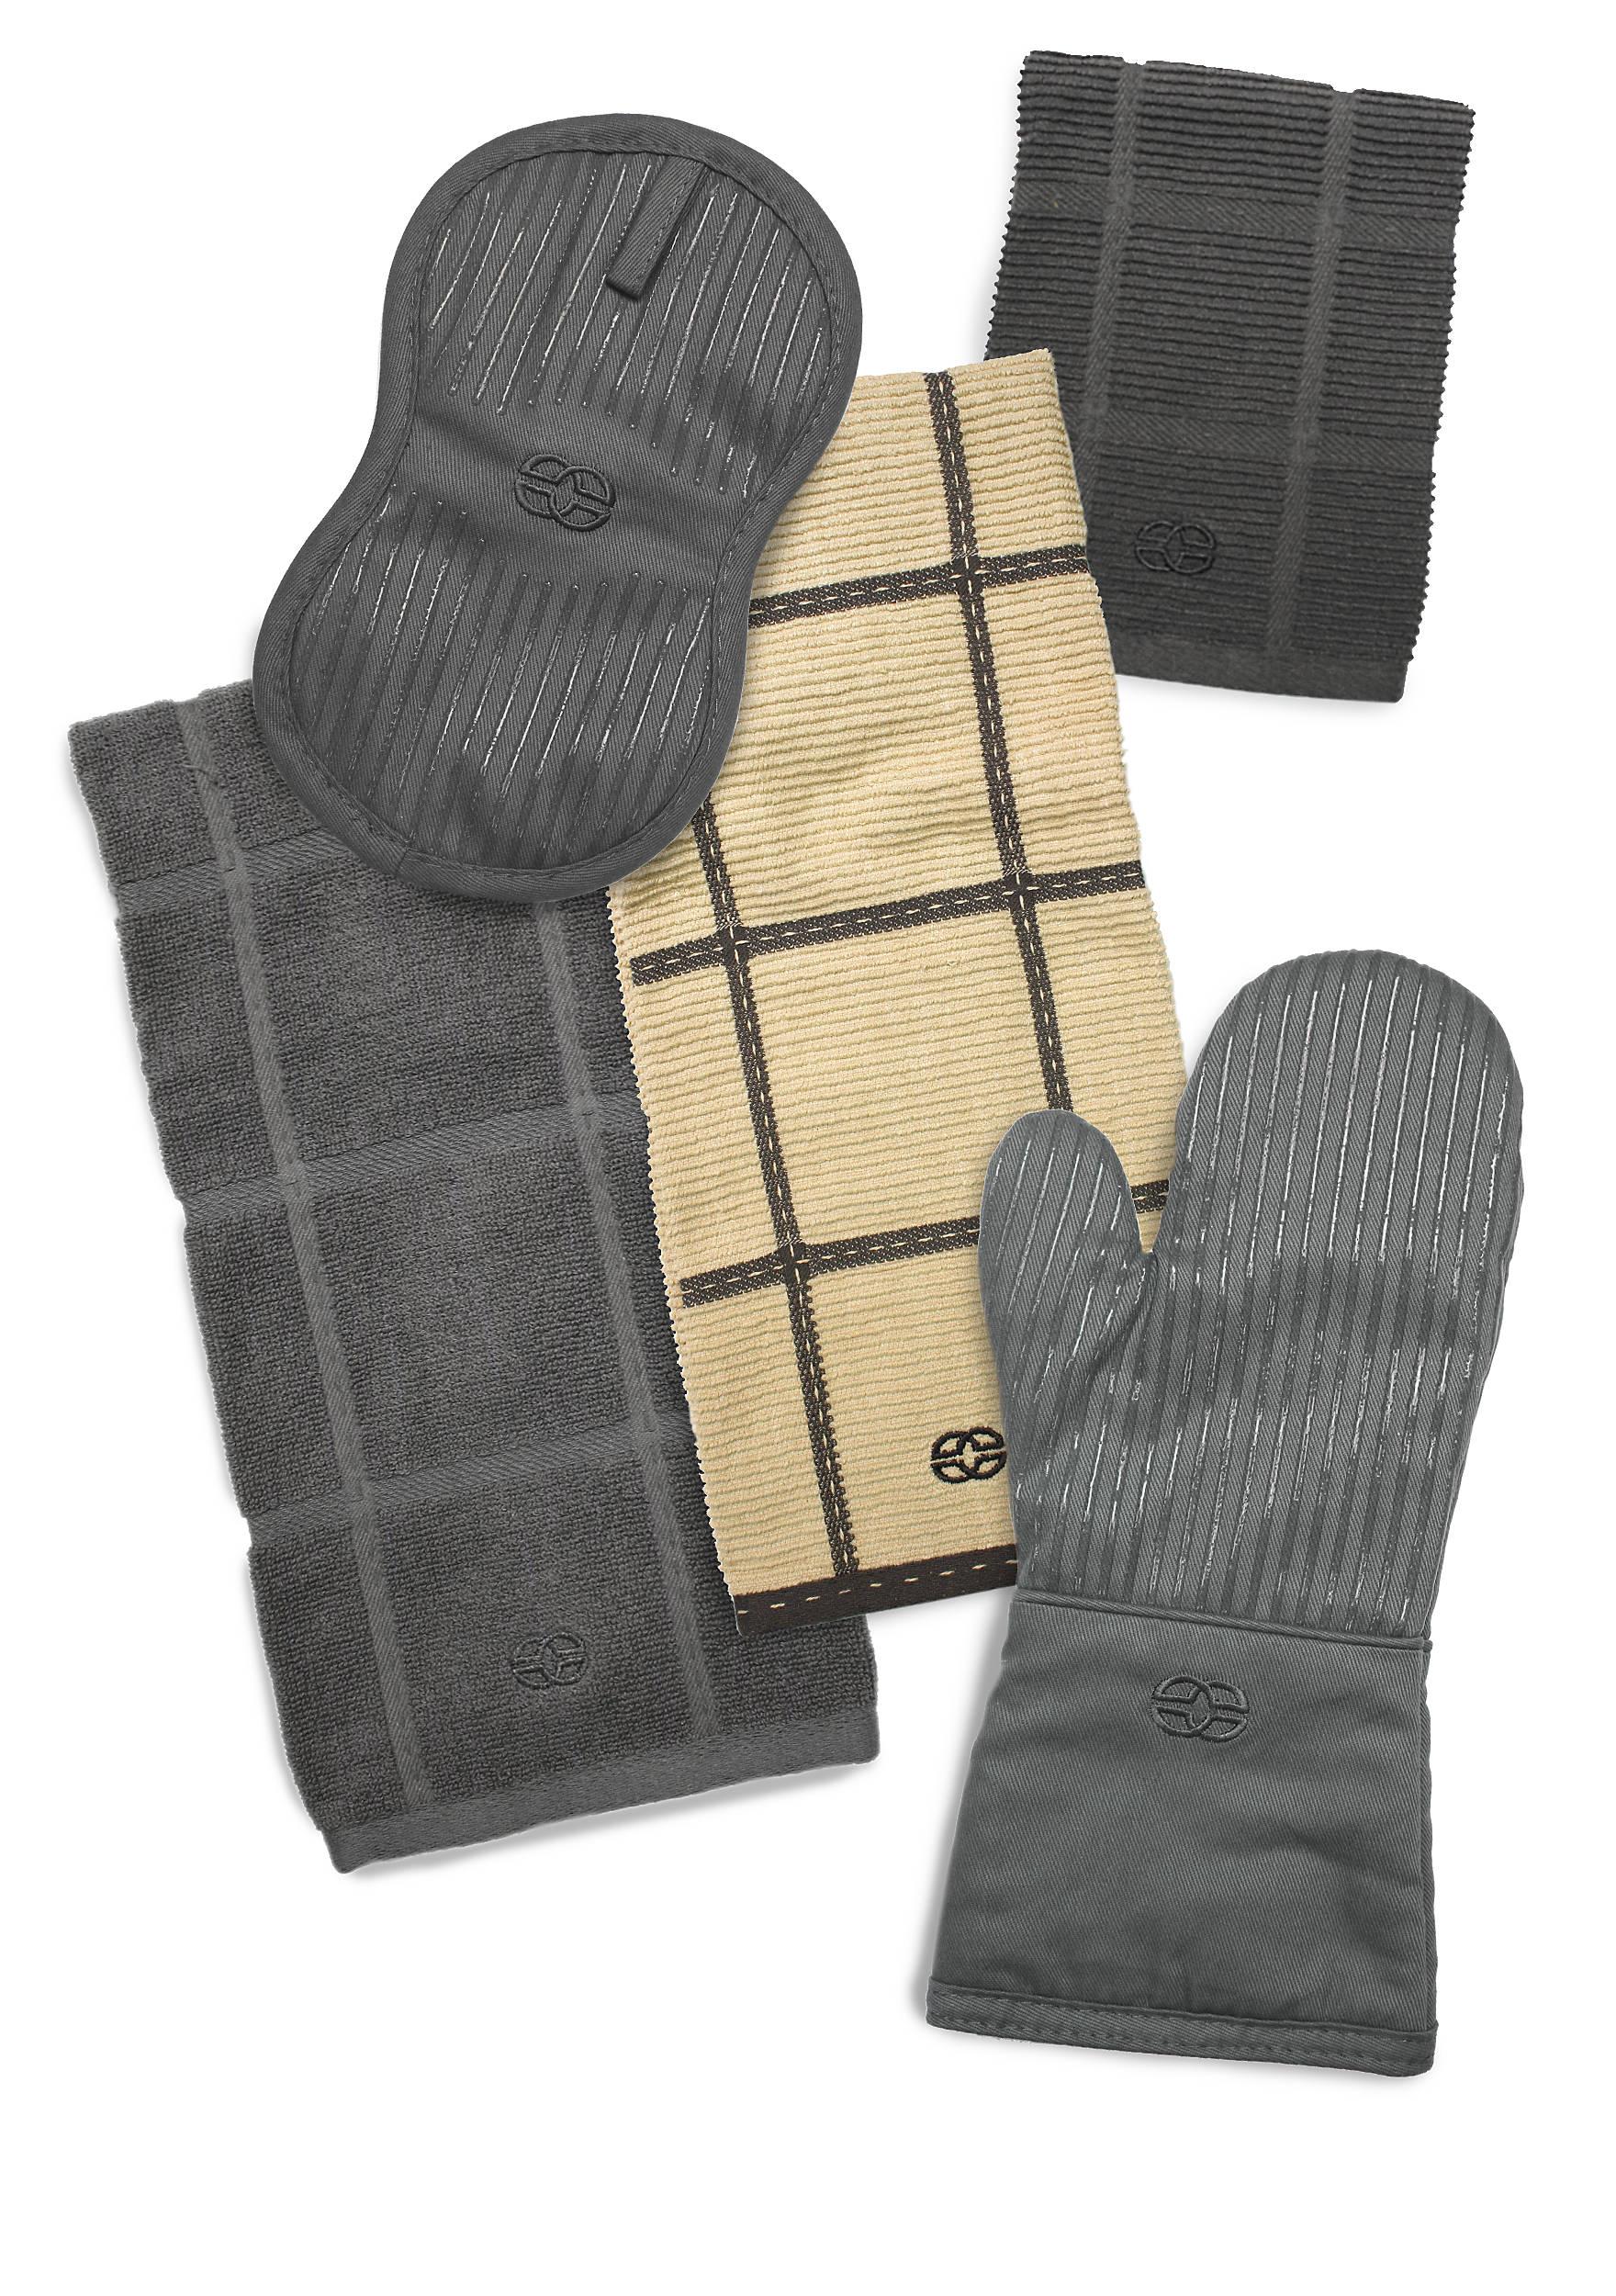 Graphite Kitchen Towels | belk